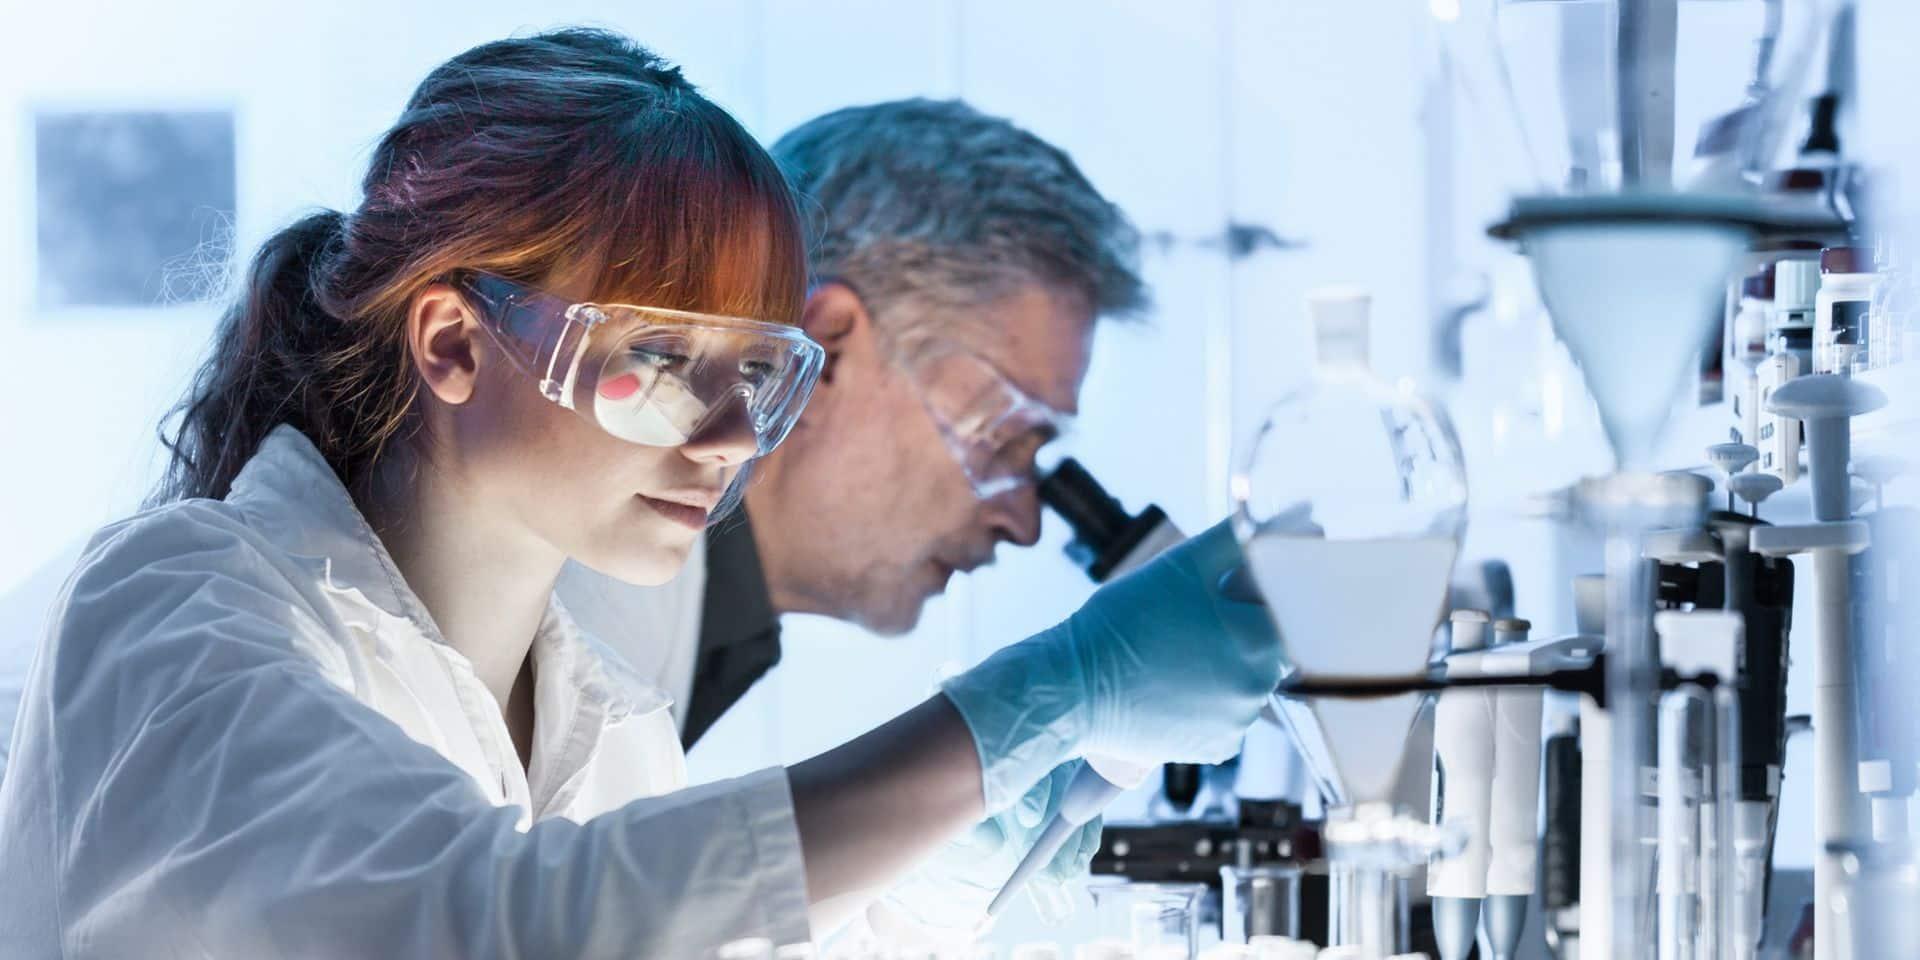 Le nombre de scientifiques et les investissements dans la recherche explosent